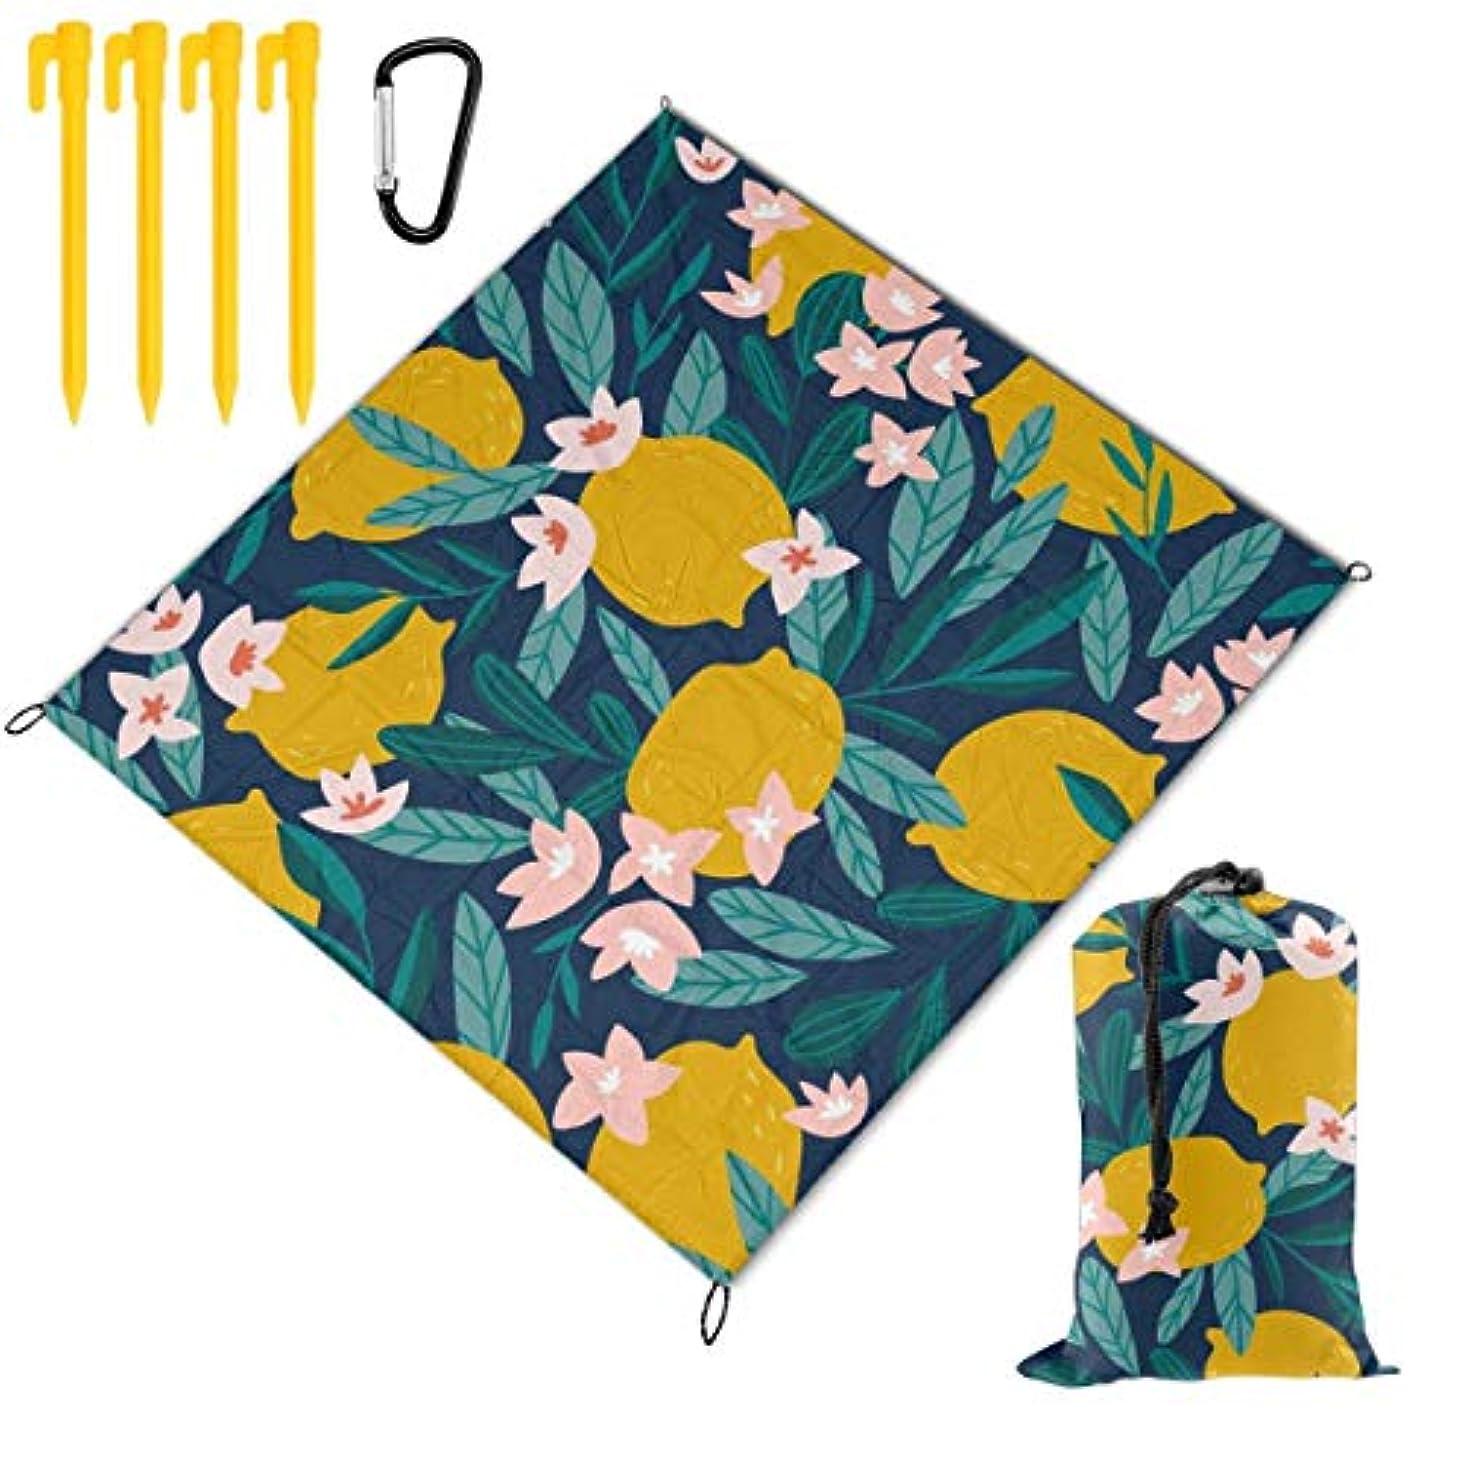 対話確認してください悪魔レモン 花柄 総柄 折り畳めるピクニックマット 防水防湿パッド 公園マット キャンプマット 超軽くて便利な携帯用防水ピクニックマット 145x150cm